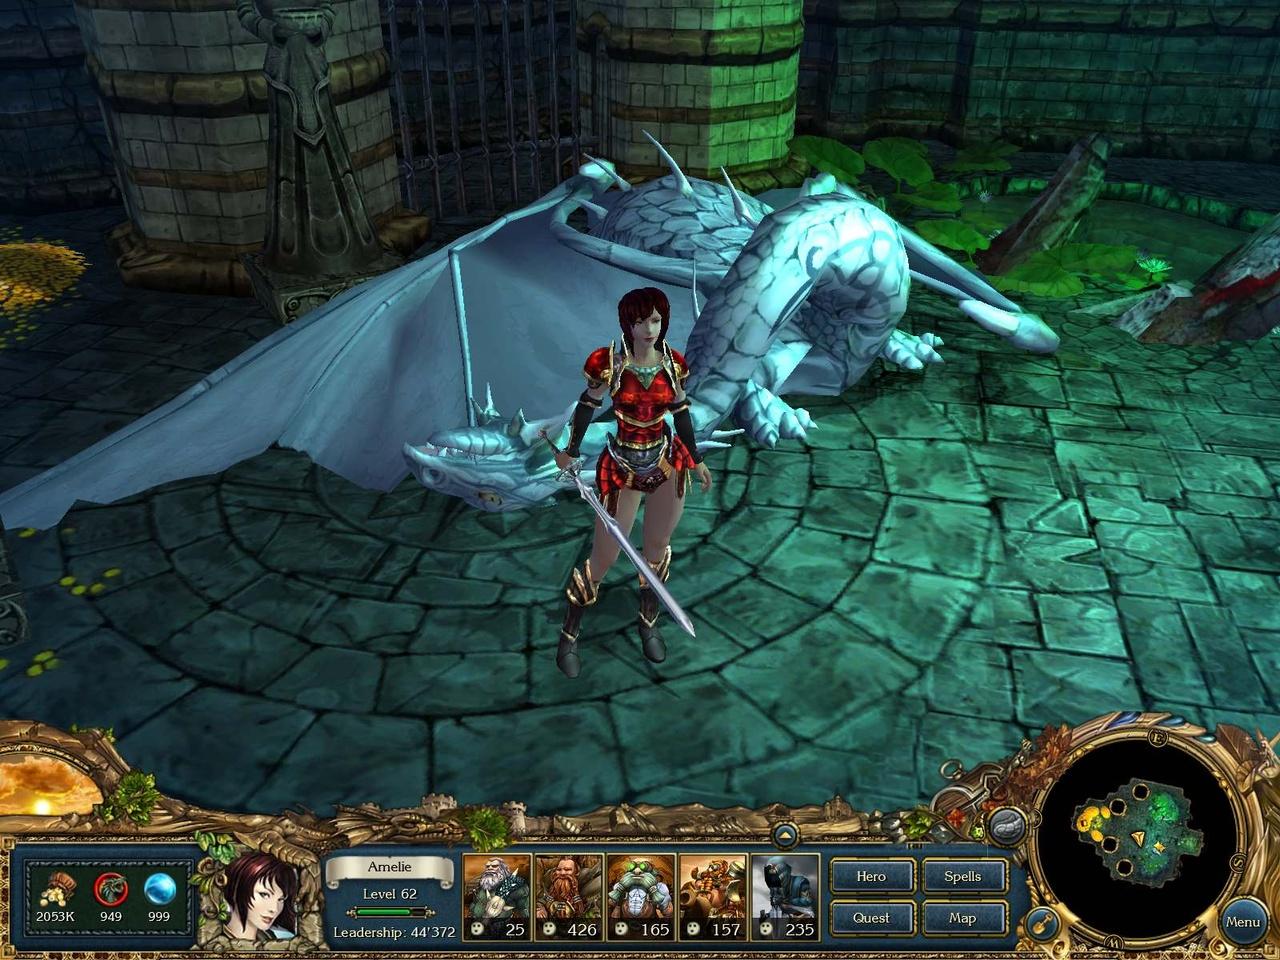 King's Bounty: Принцесса в доспехах Поверженный дракон